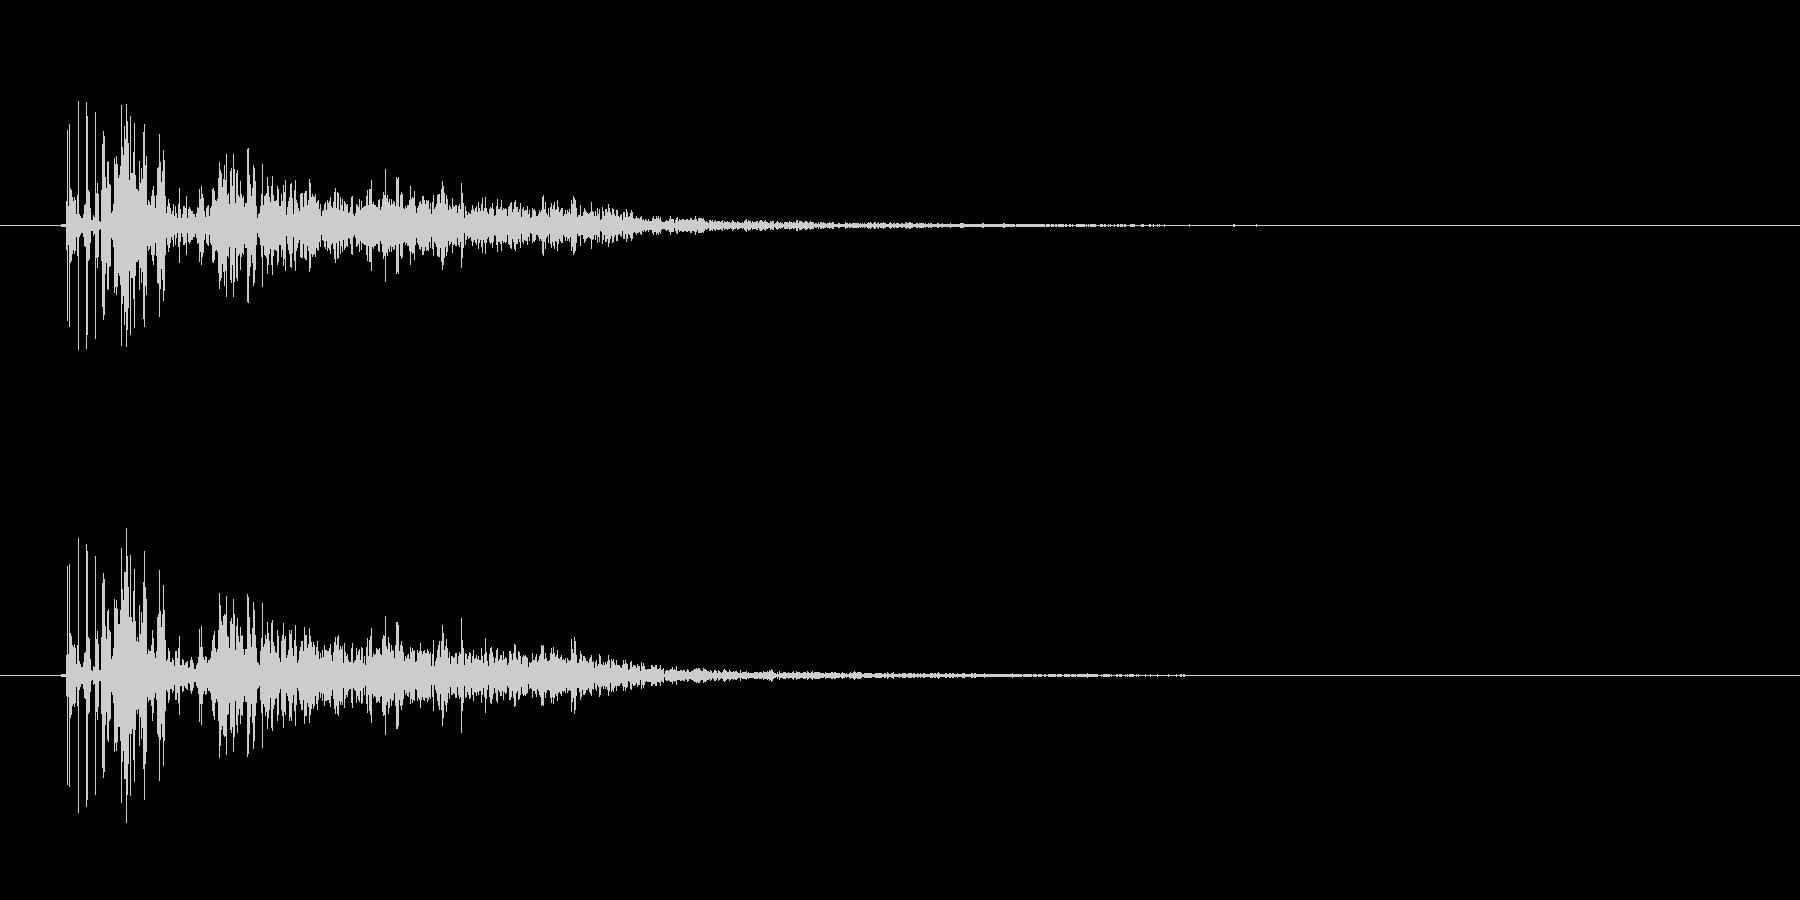 巨人の足音 の未再生の波形